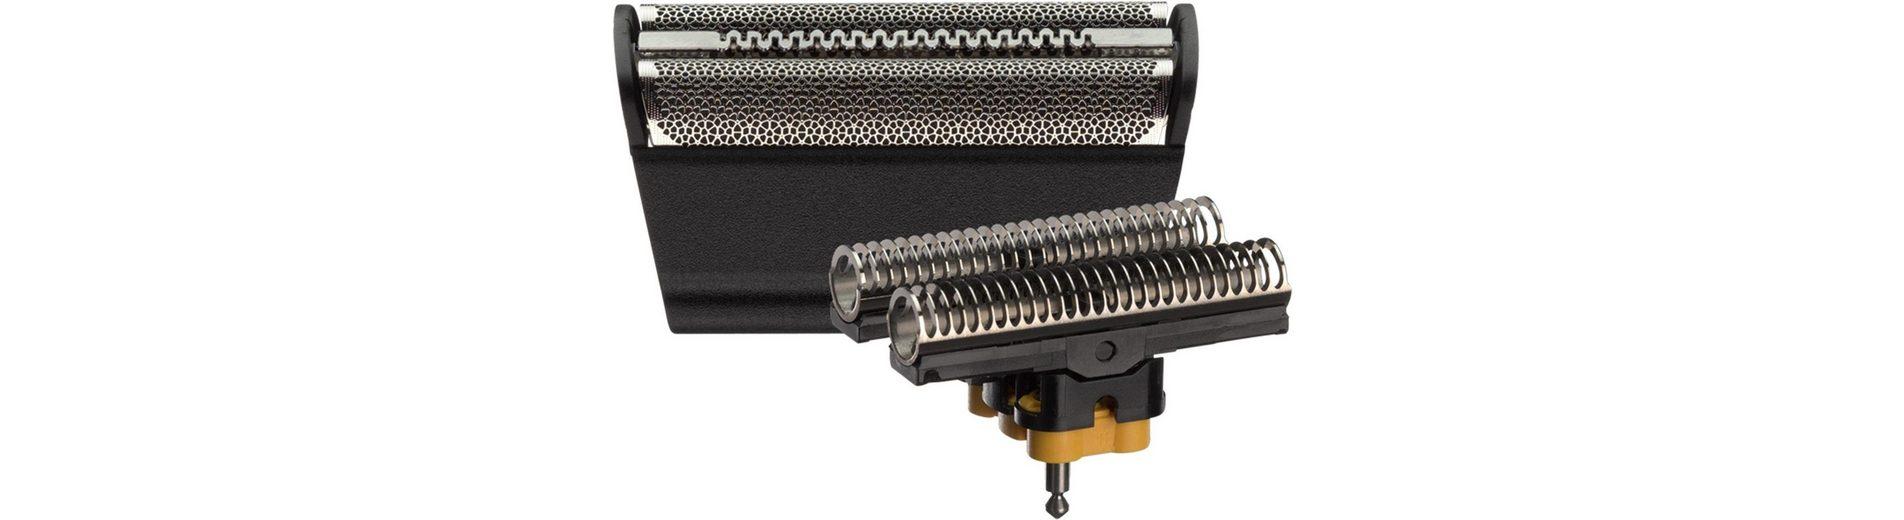 Braun, Ersatzscherteil, Series 3 30 B Schwarz